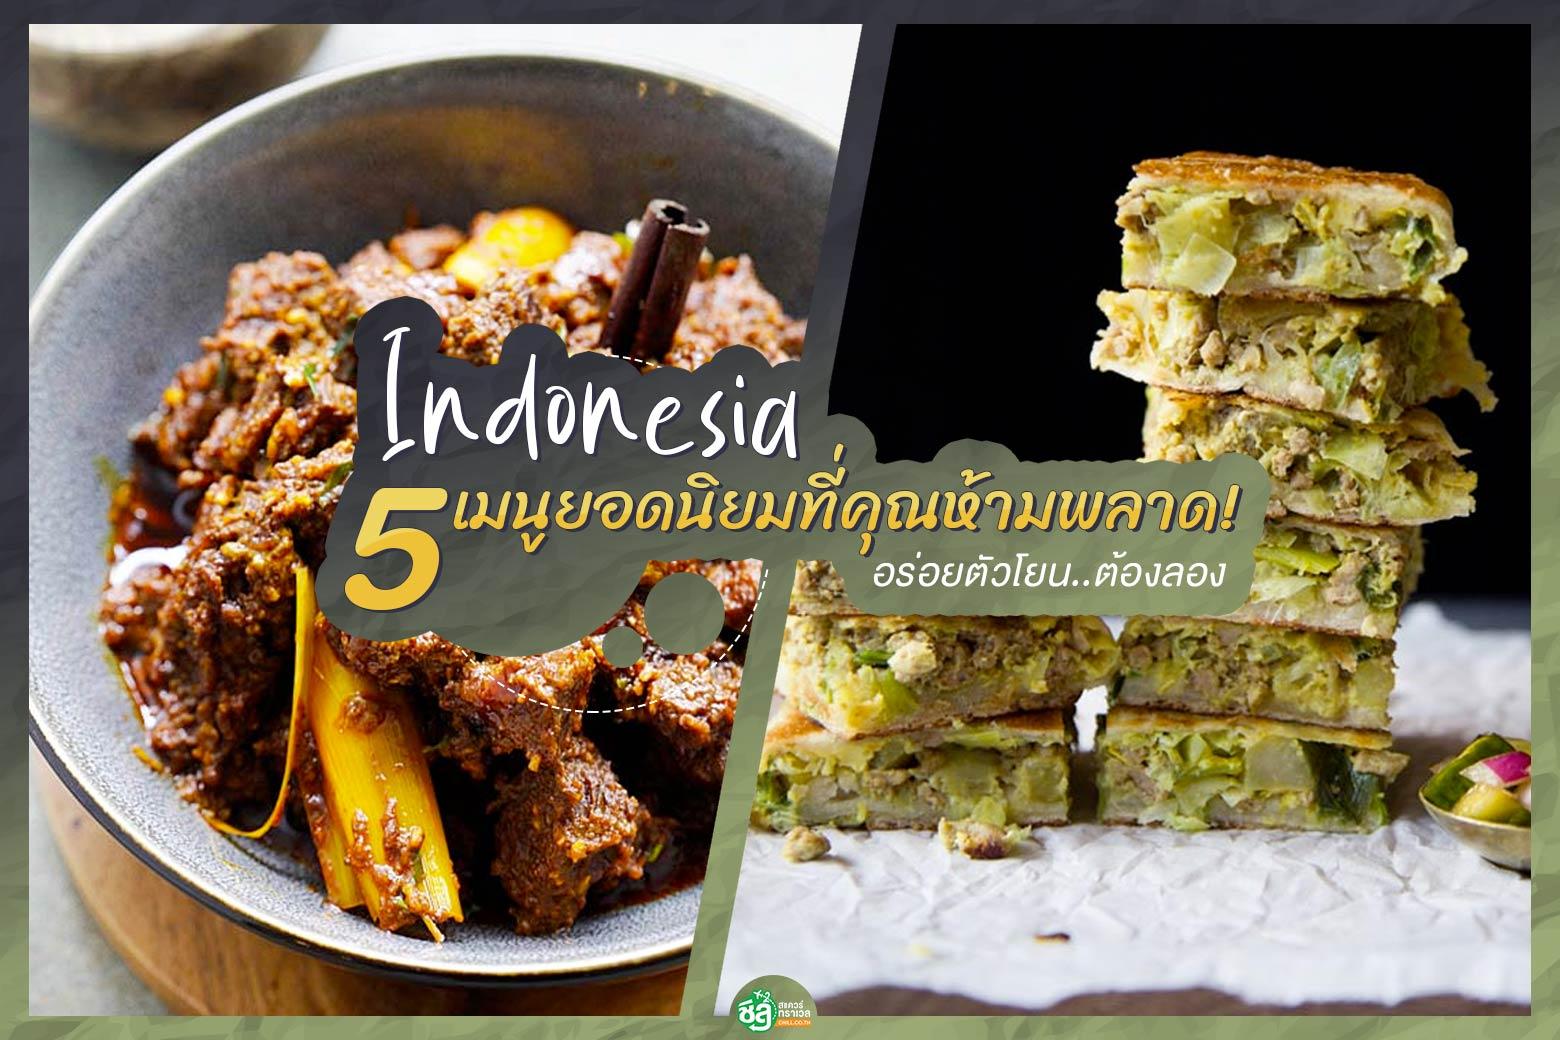 เที่ยวอินโดนีเซีย อร่อยต้องลอง! กับ 5 เมนูยอดนิยมที่คุณห้ามพลาด!